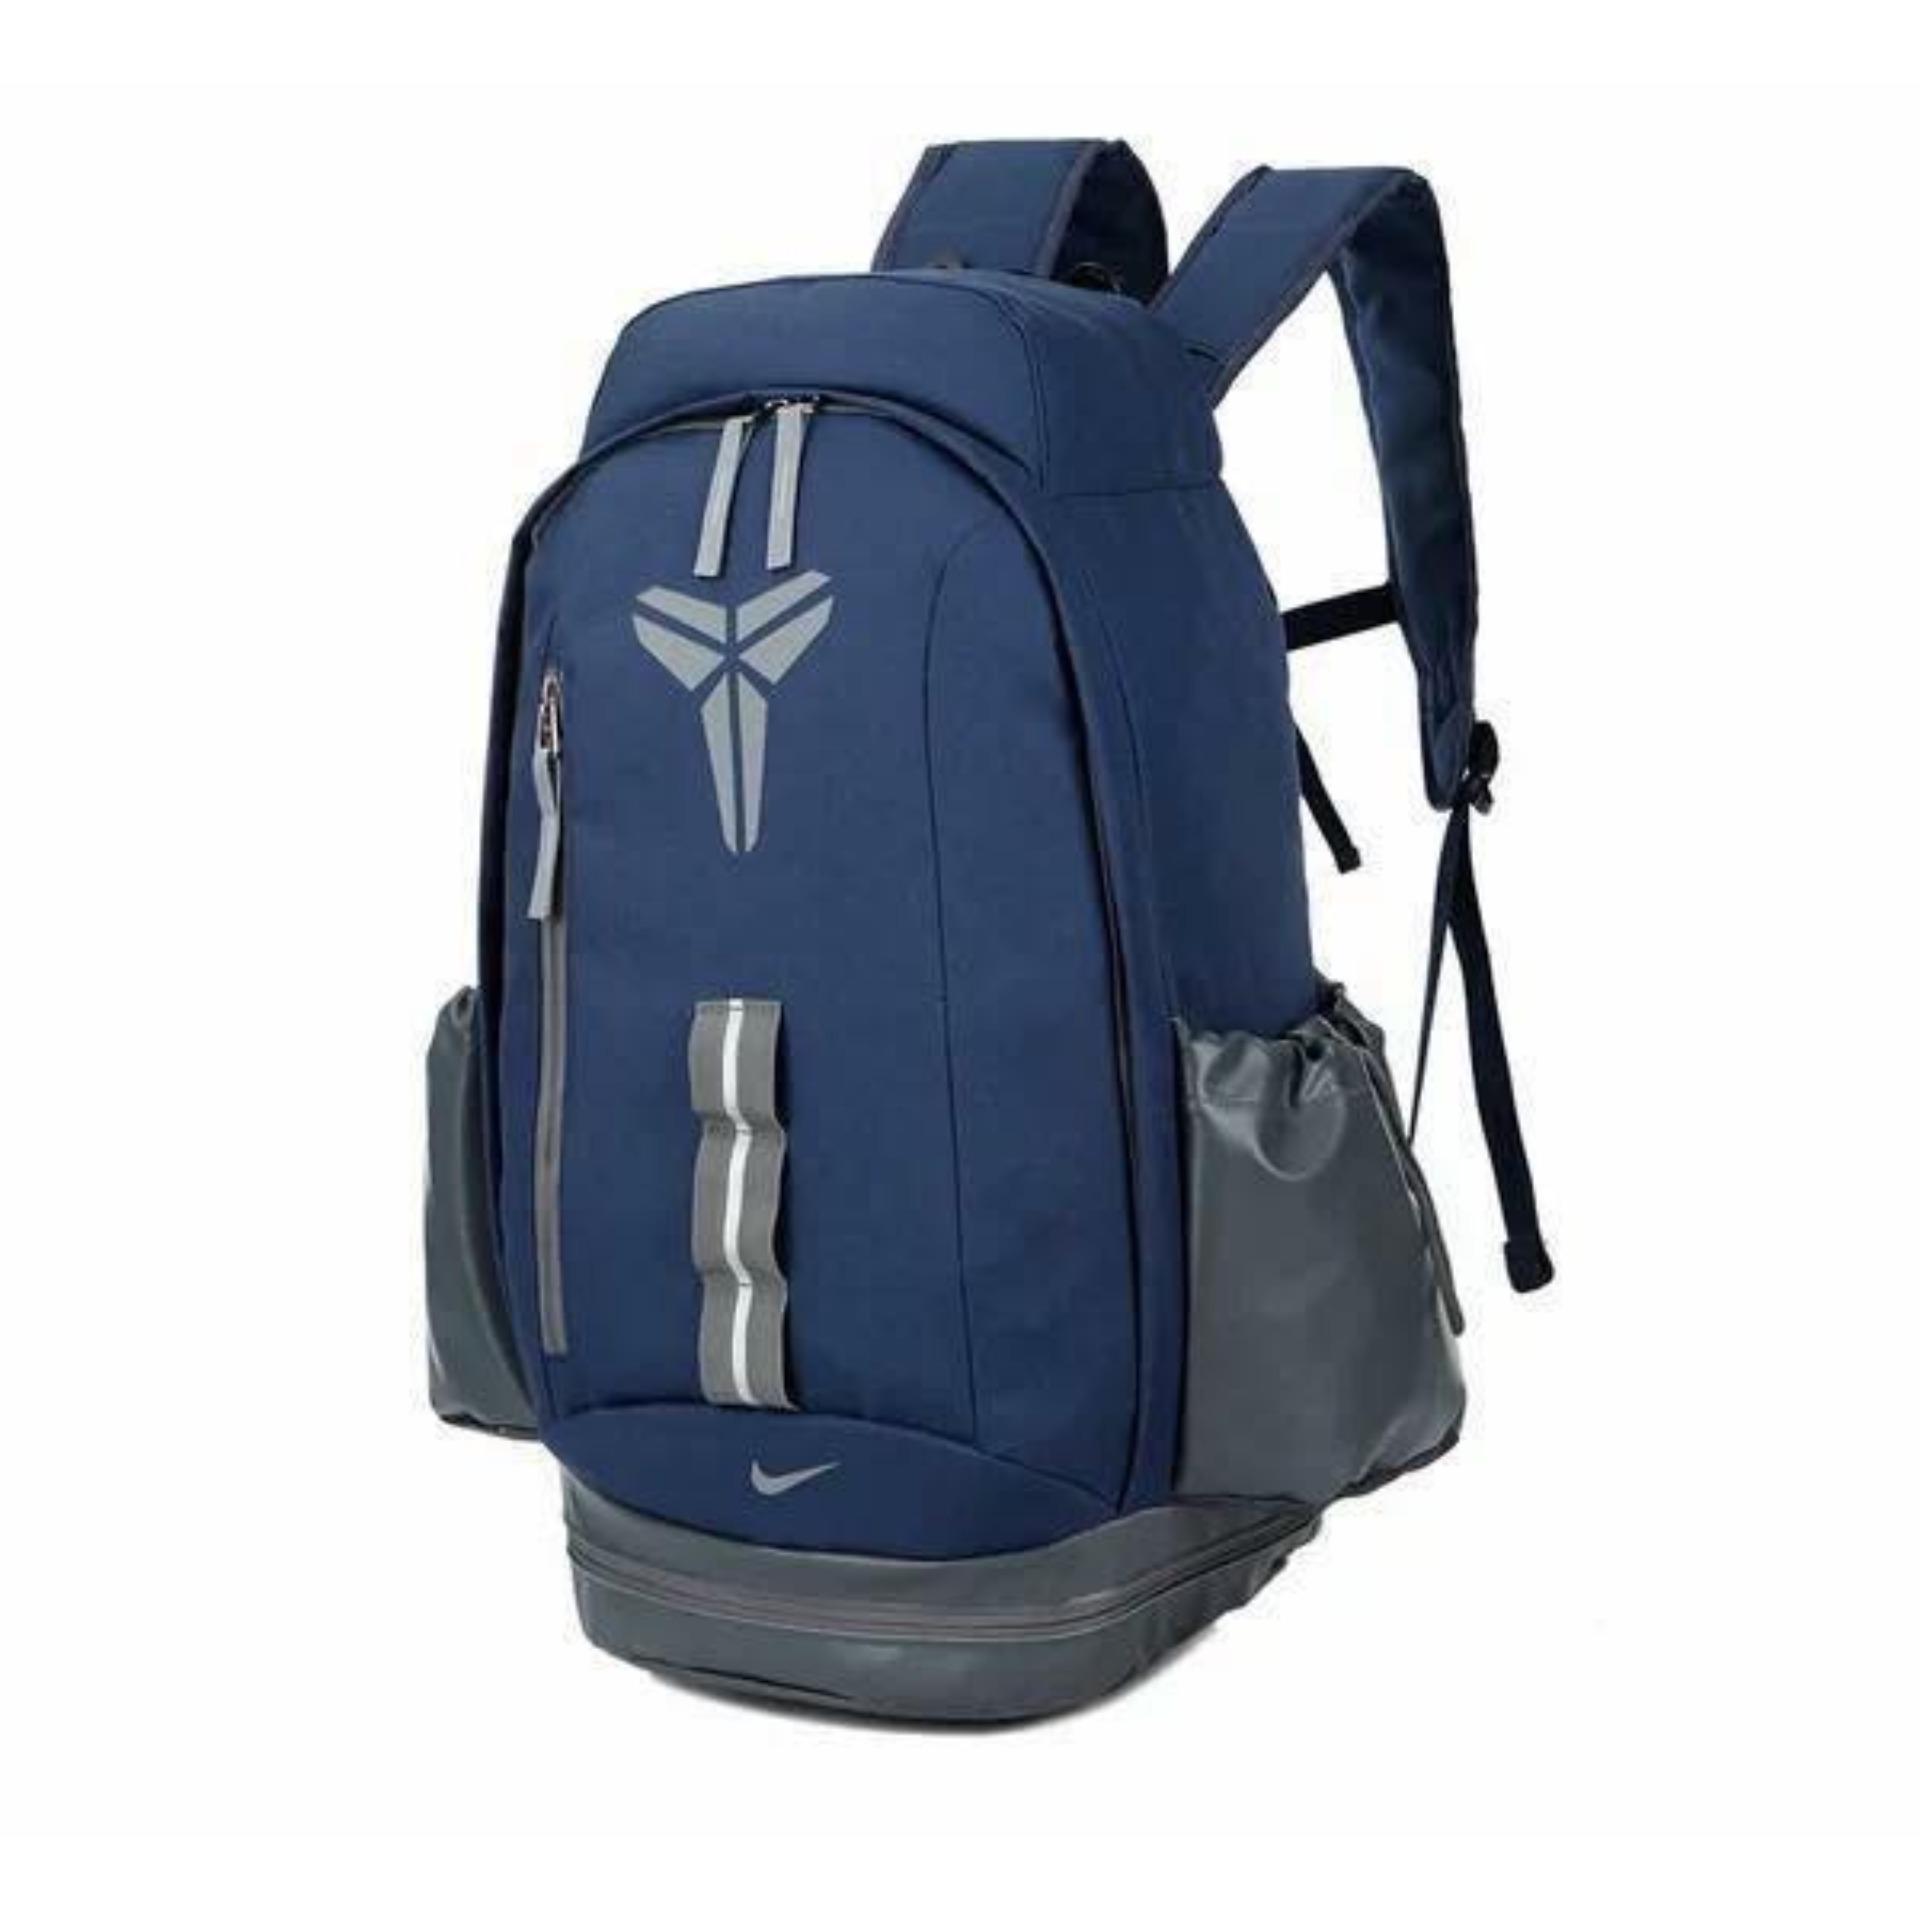 Gym Bag Nike Price: Nike Gym Bag For Sale Philippines